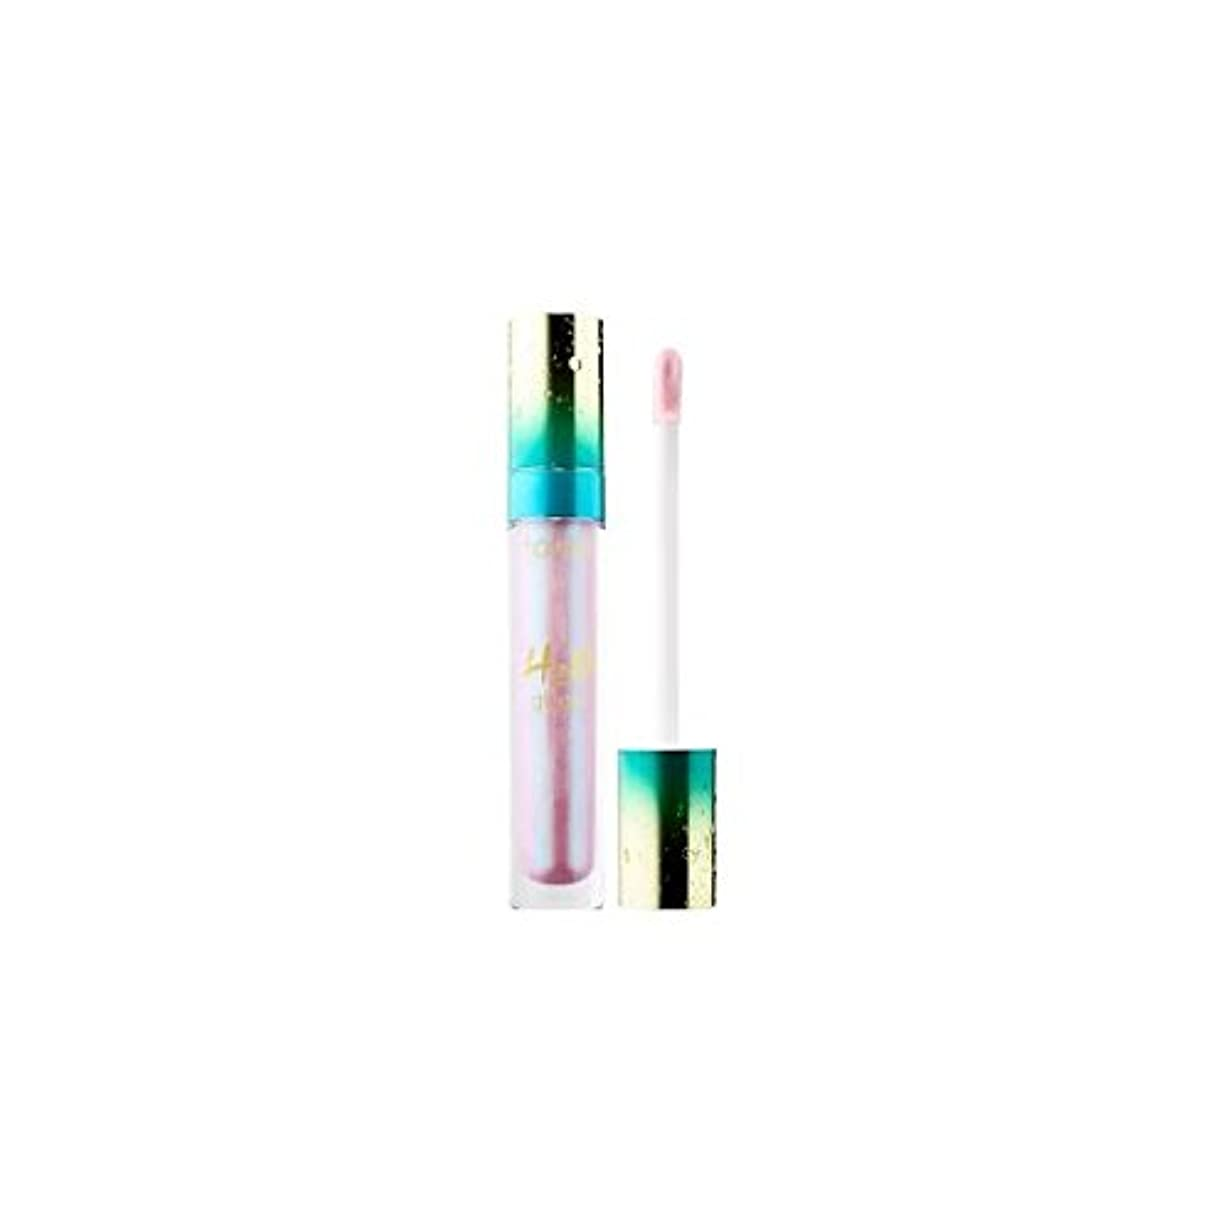 遺伝子ページピックtarteタルト リップ グロス H2O Lip Gloss - Rainforest of the Sea Collection Shimmer finish